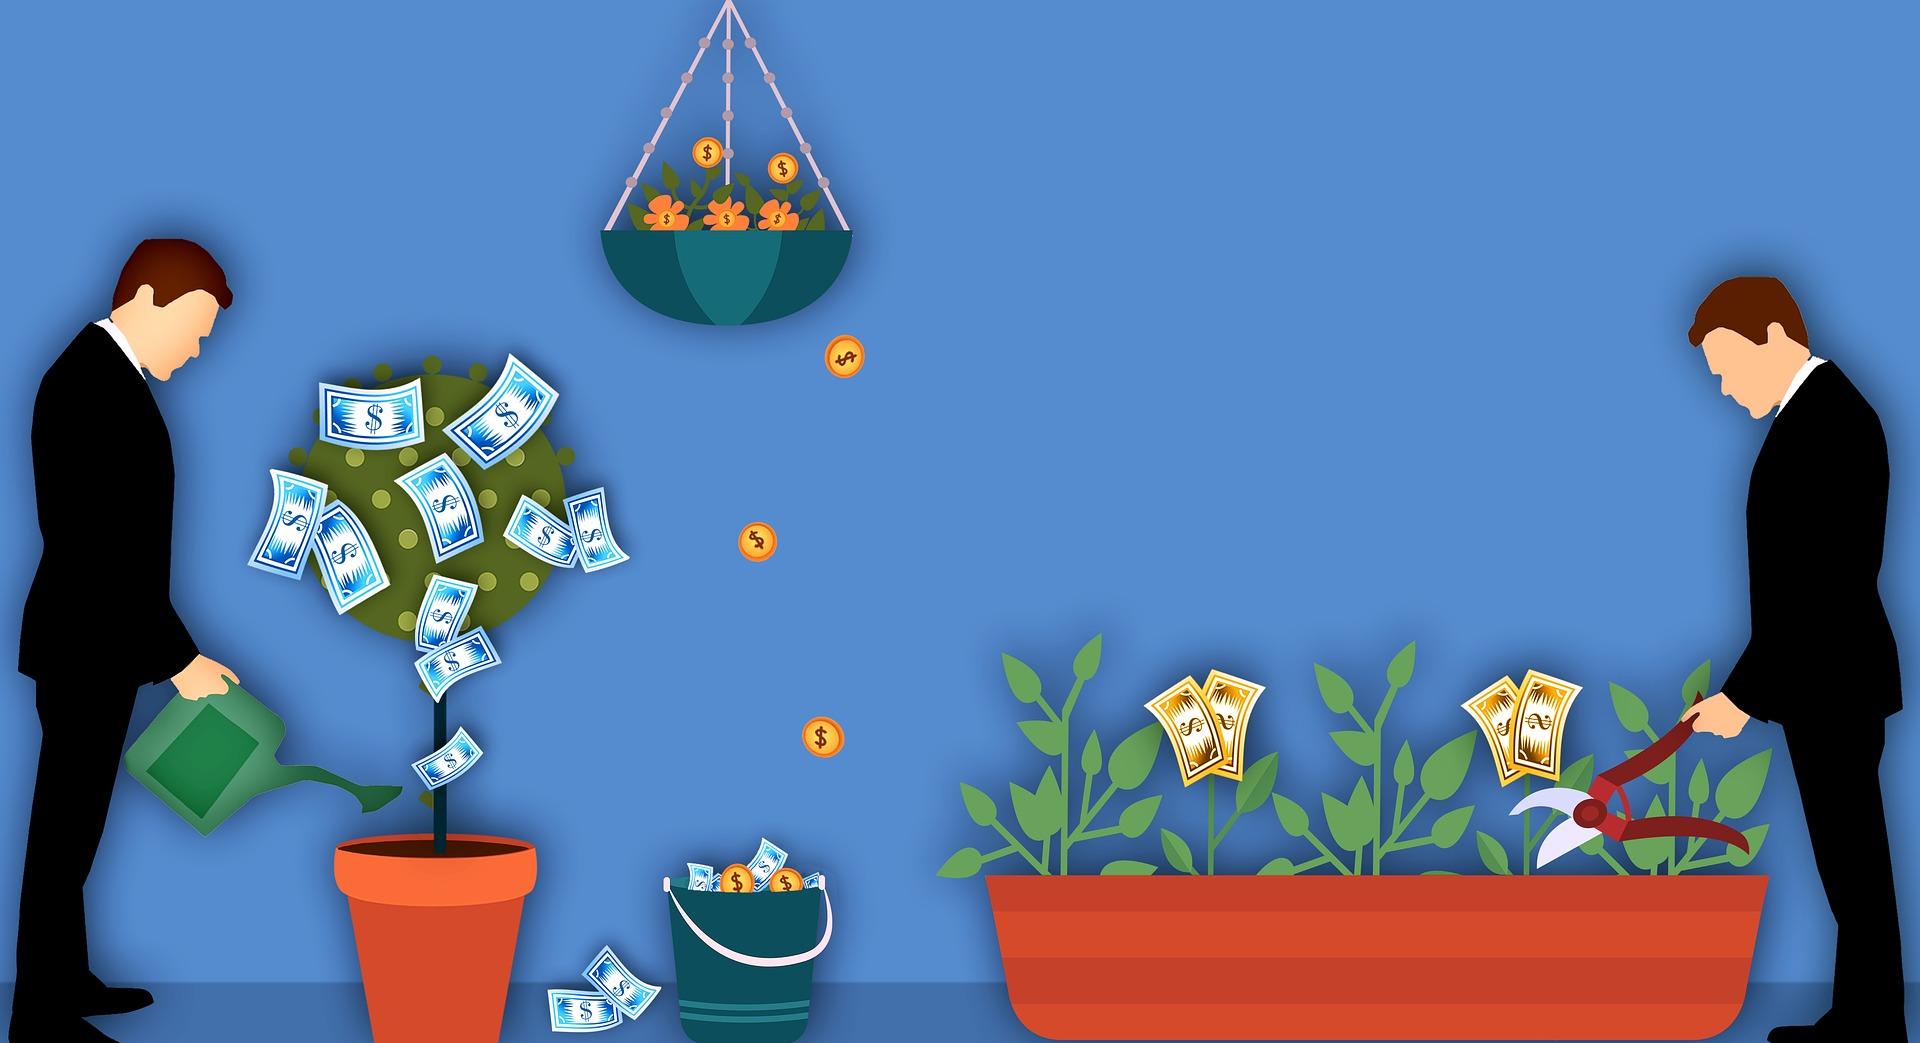 金の成る木はお金をもたらしてくれるだけでなく精神的な安らぎも与えてくれる